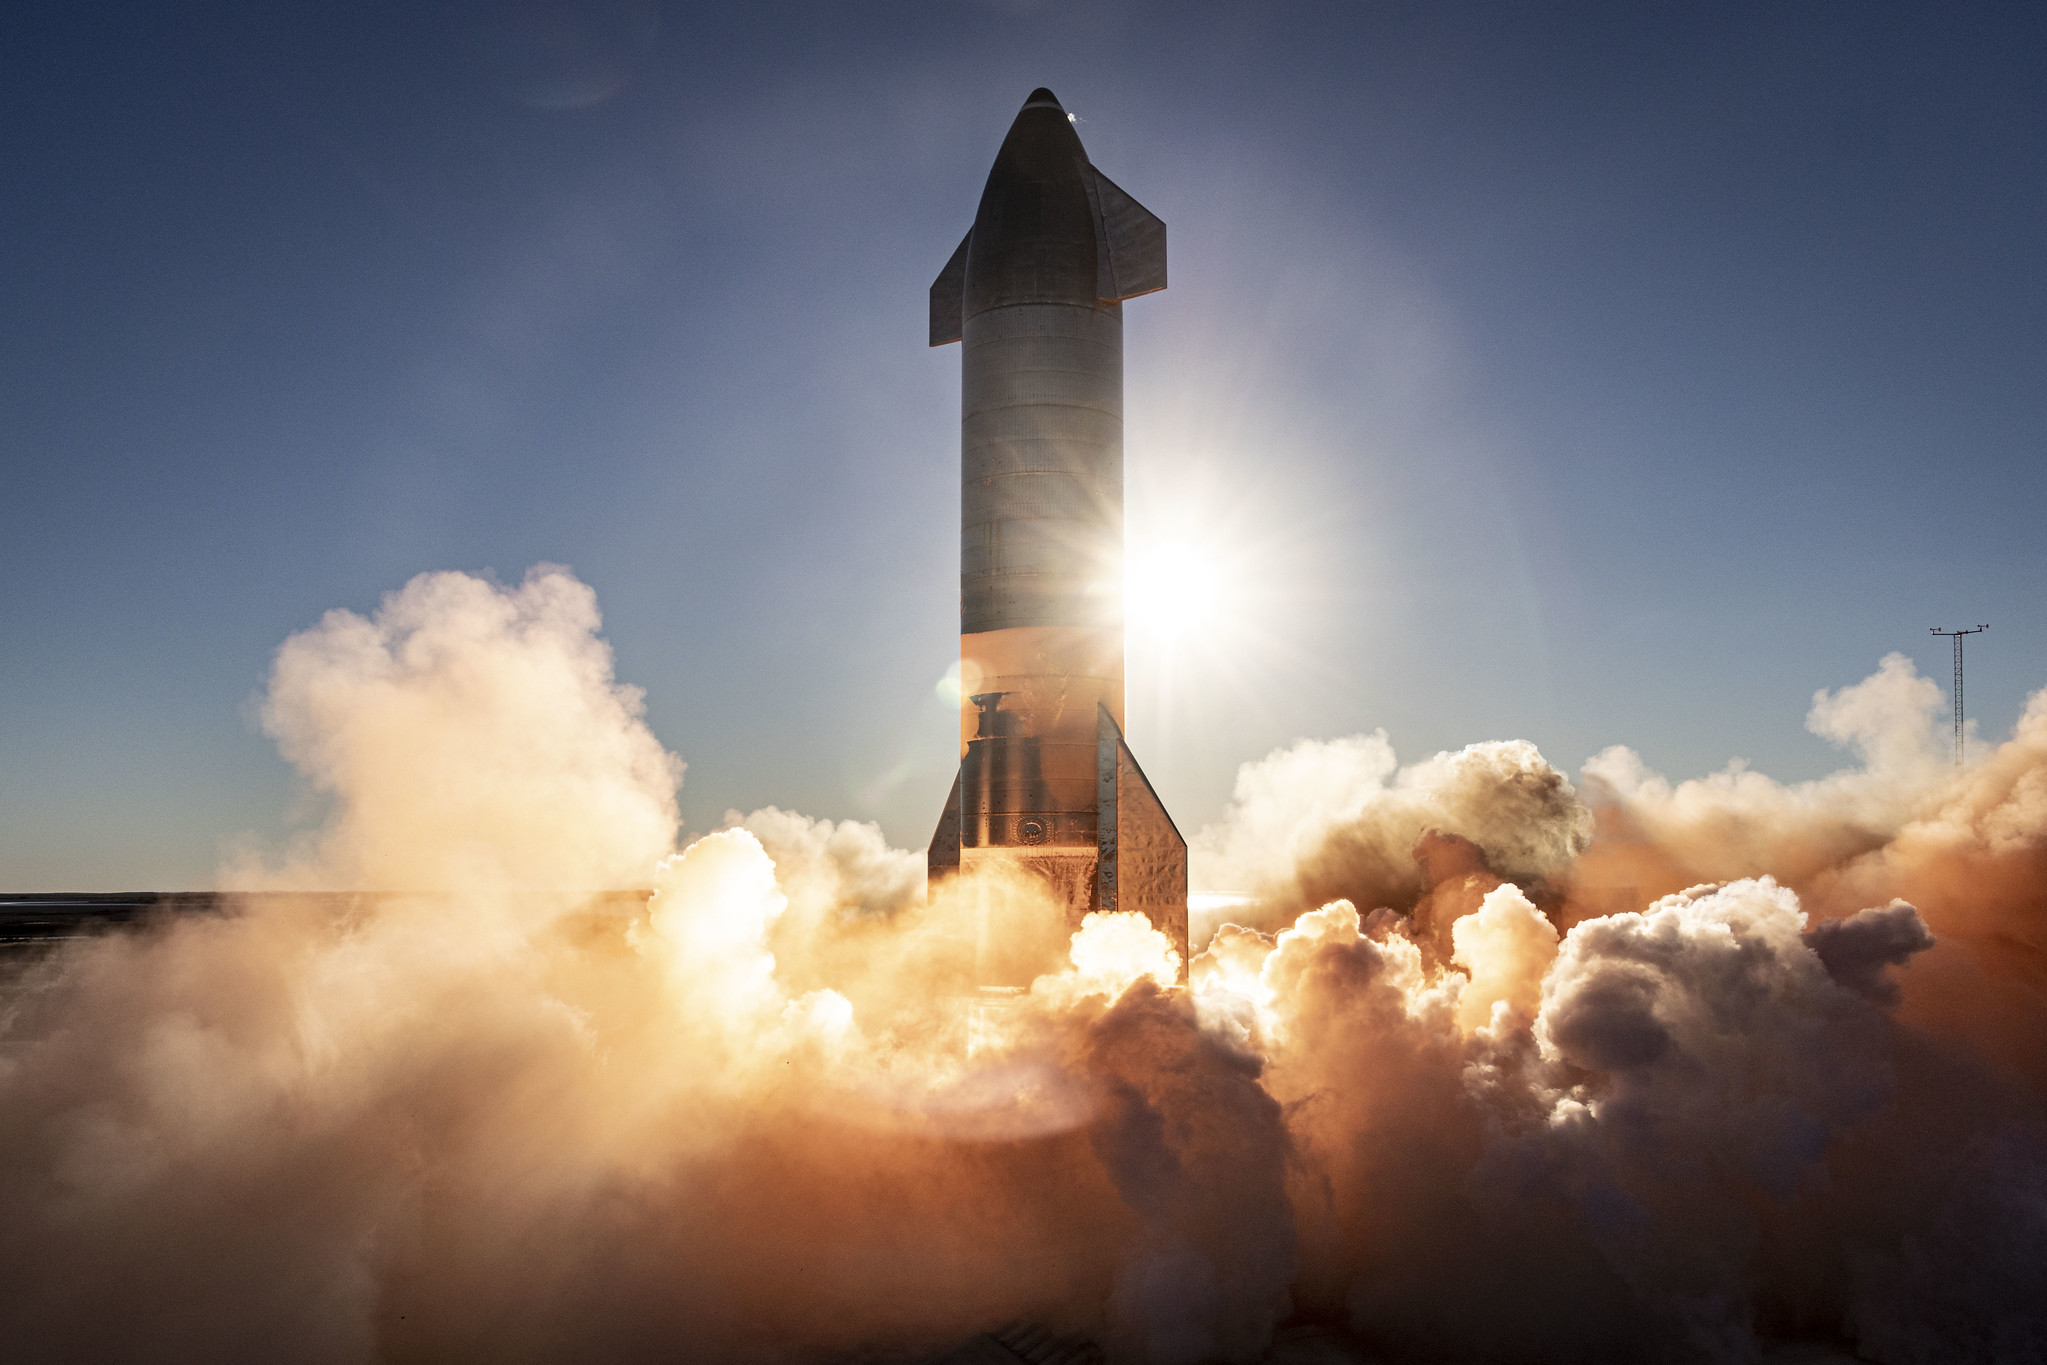 Le Starship SN8 de SpaceX lance son premier vol à haute altitude depuis le site de la société à Boca Chica, dans le sud du Texas, le 8 décembre 2020.